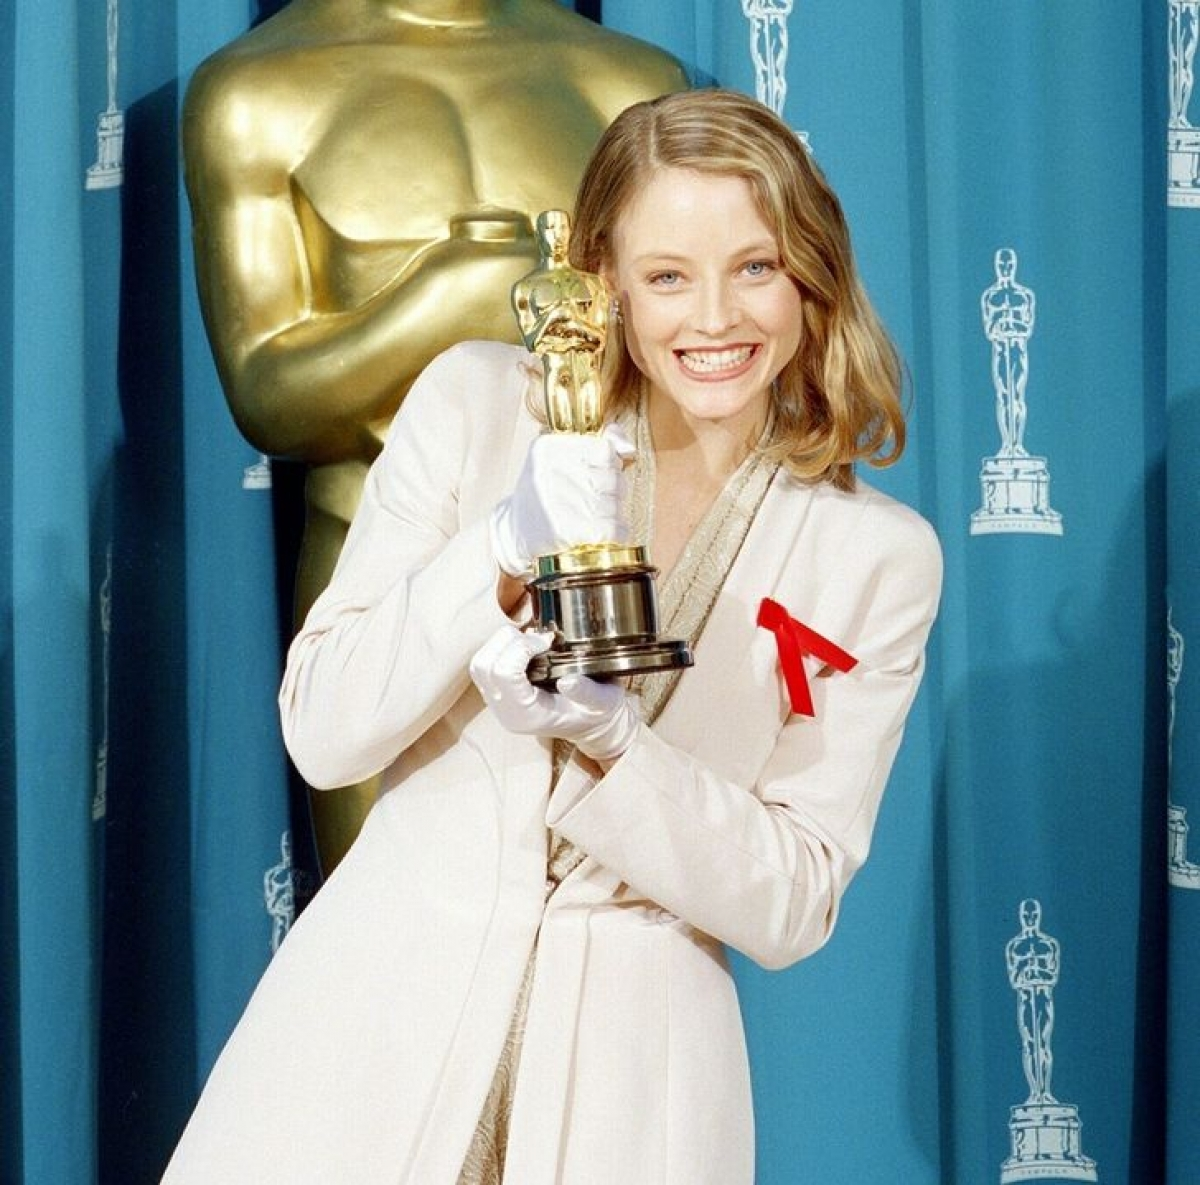 """Nữ diễn viên từng đoạt giải Oscar năm 1992 cho vai diễn trong bộ phim """"The Silence of the Lambs"""" đã từ chối mặc váy dạ hội tới buổi lễ.Jodie Foster được nhớ đến với bộ trang phục thanh lịch - mộtbộ quần dàivới găng tay lụa của Armani."""